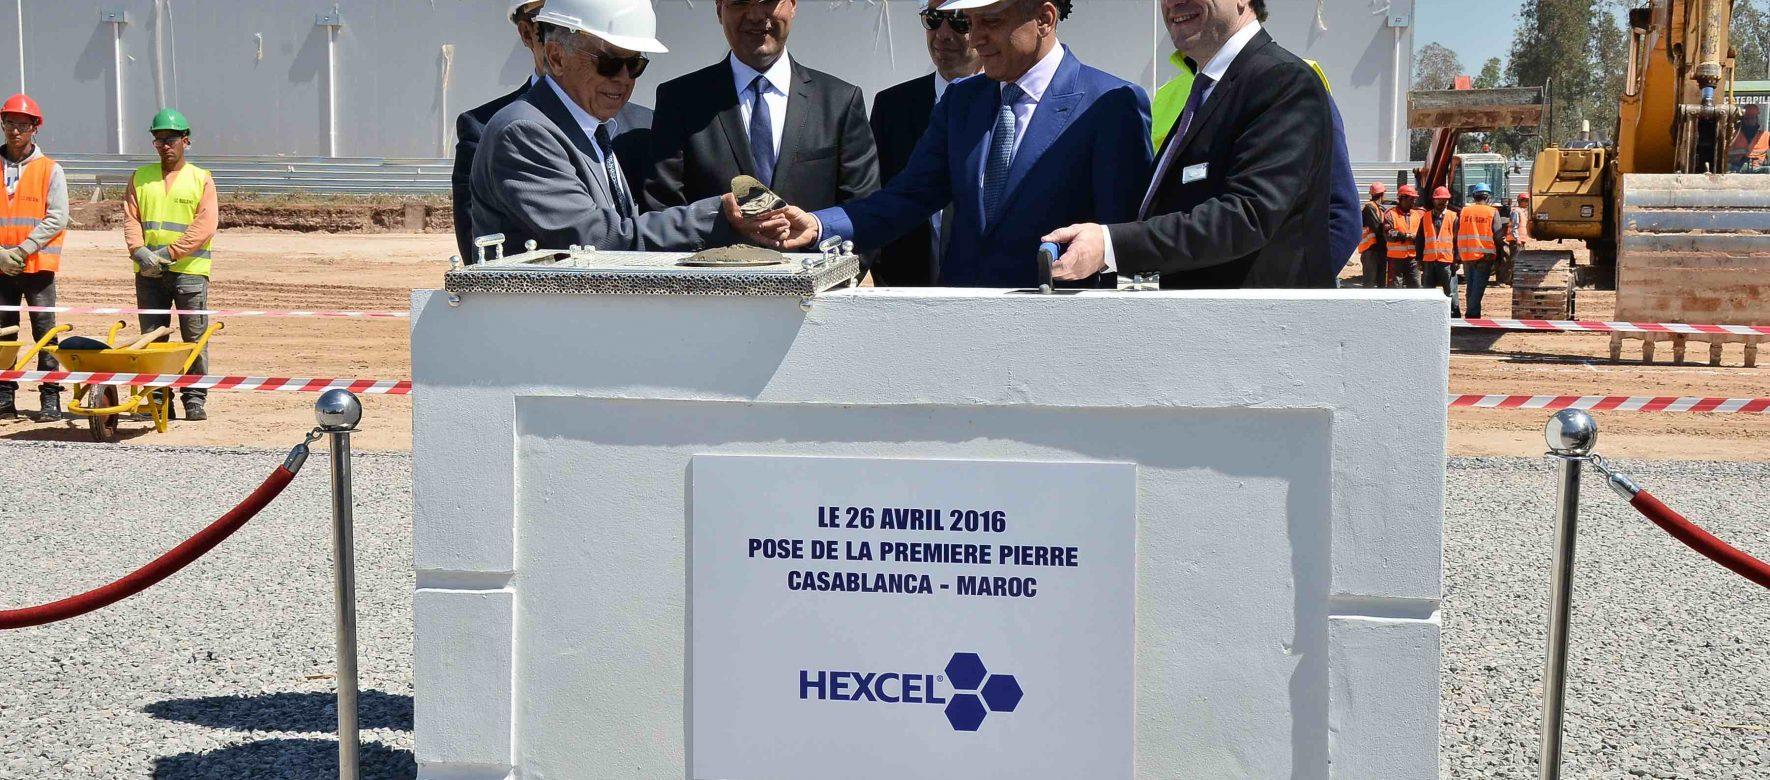 Hexcel mobilise 17,7 millions d'euros pour un nouveau site à Casablanca